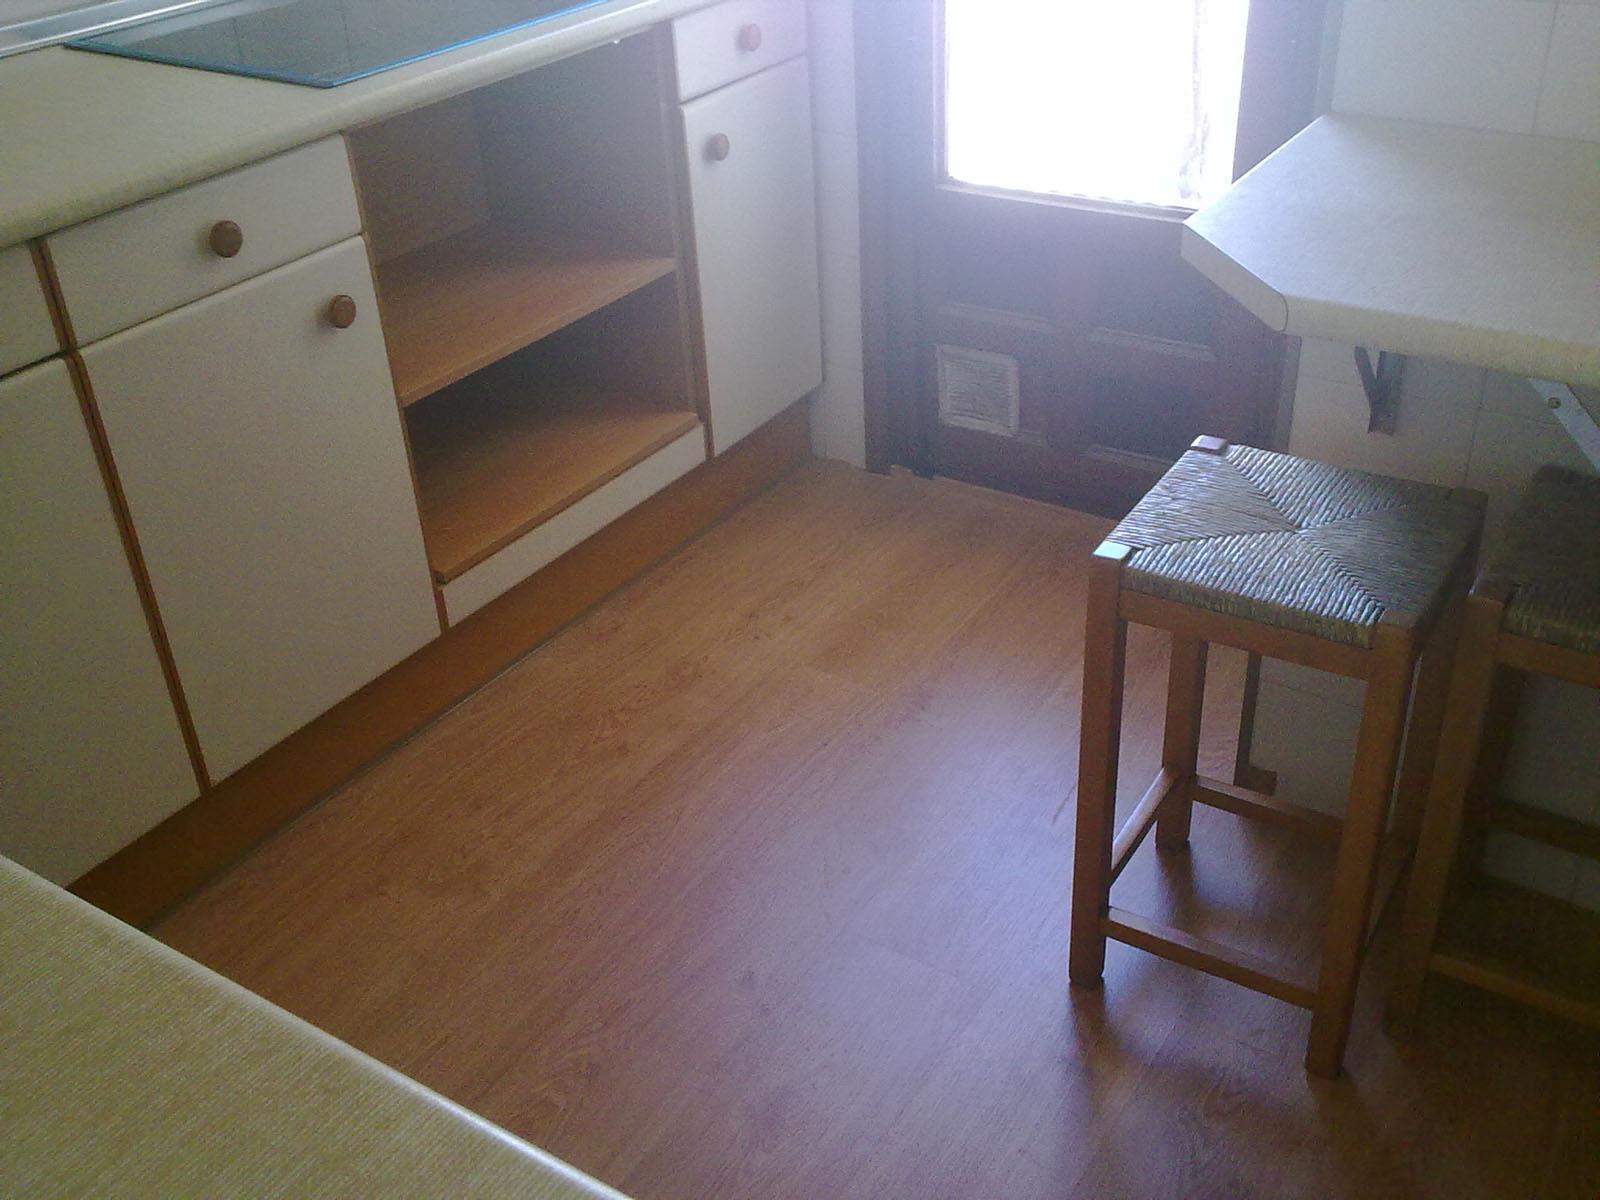 Cambiar suelo cocina cheap cmo instalar baldosas de - Cambiar suelo cocina ...